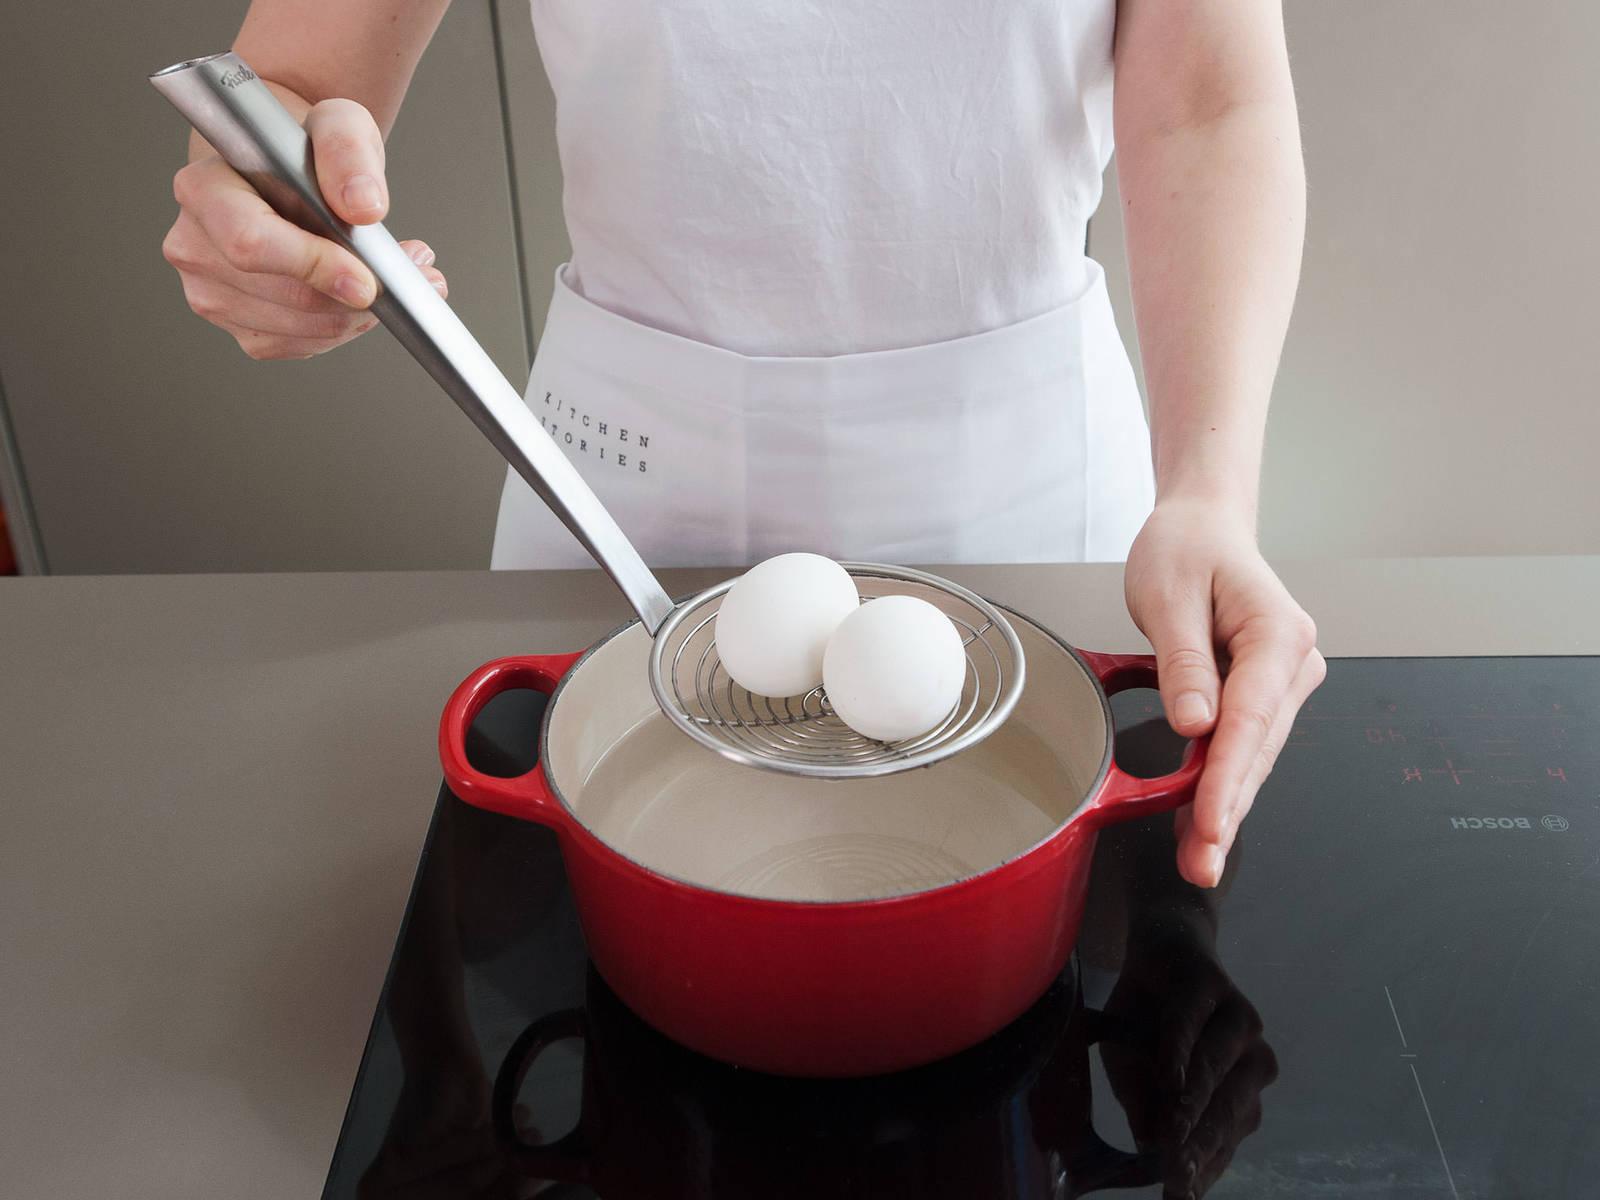 在小平底锅中倒入盐水,放入两个鸡蛋,煮上8-10分钟,将鸡蛋煮至全熟。